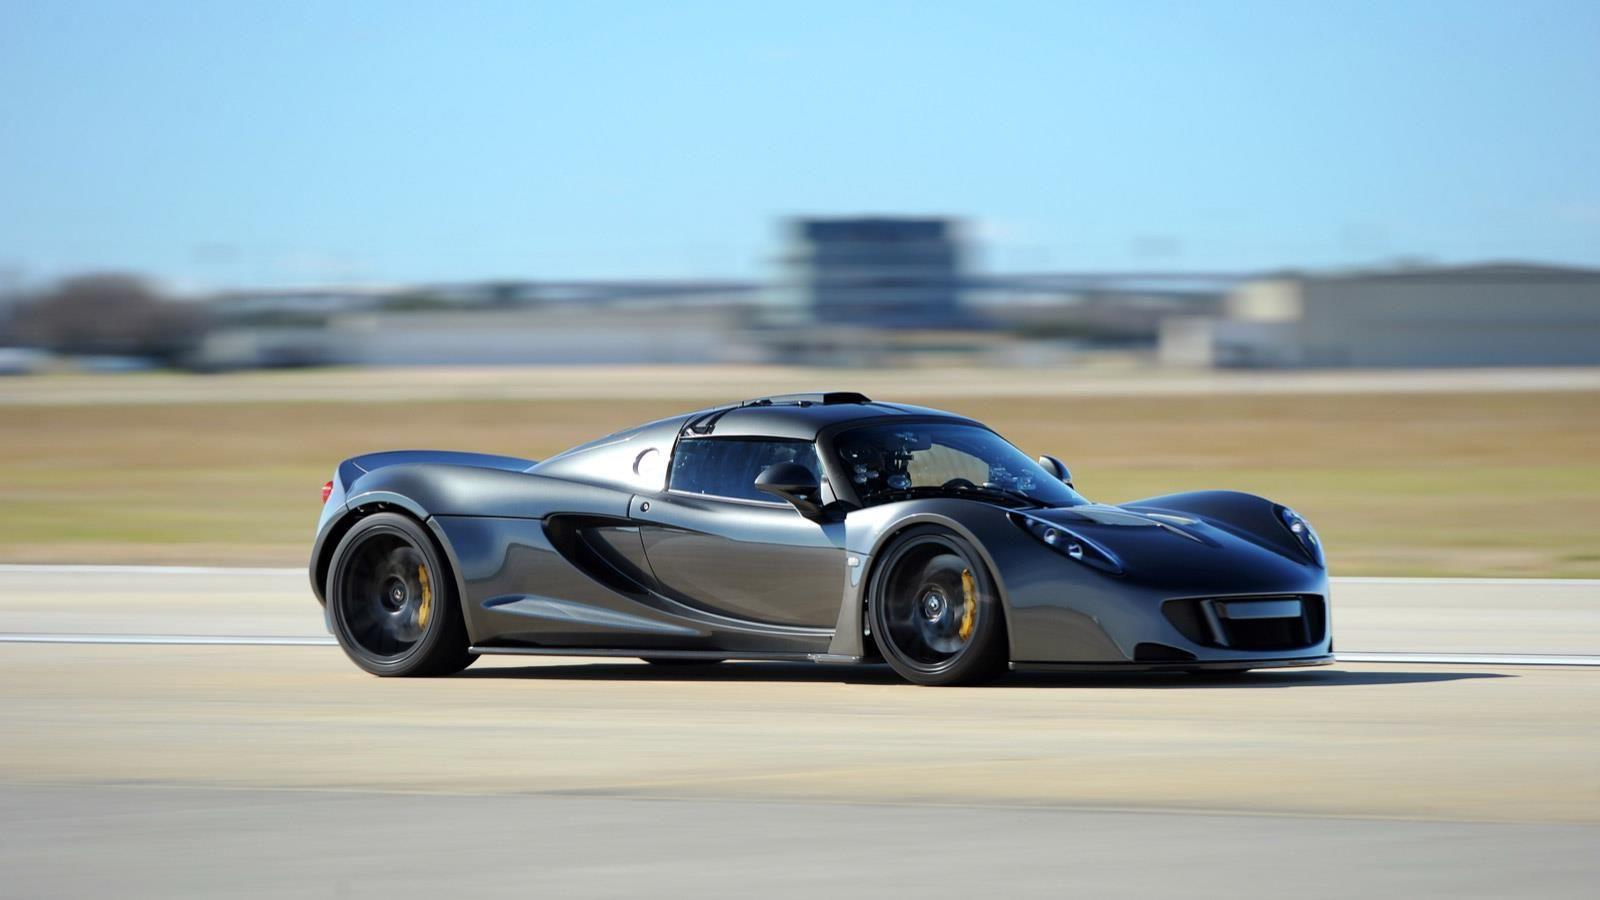 Hennessey Venom Gt 7 0 Liter Twin Turbo 427 Cubic Inch V8